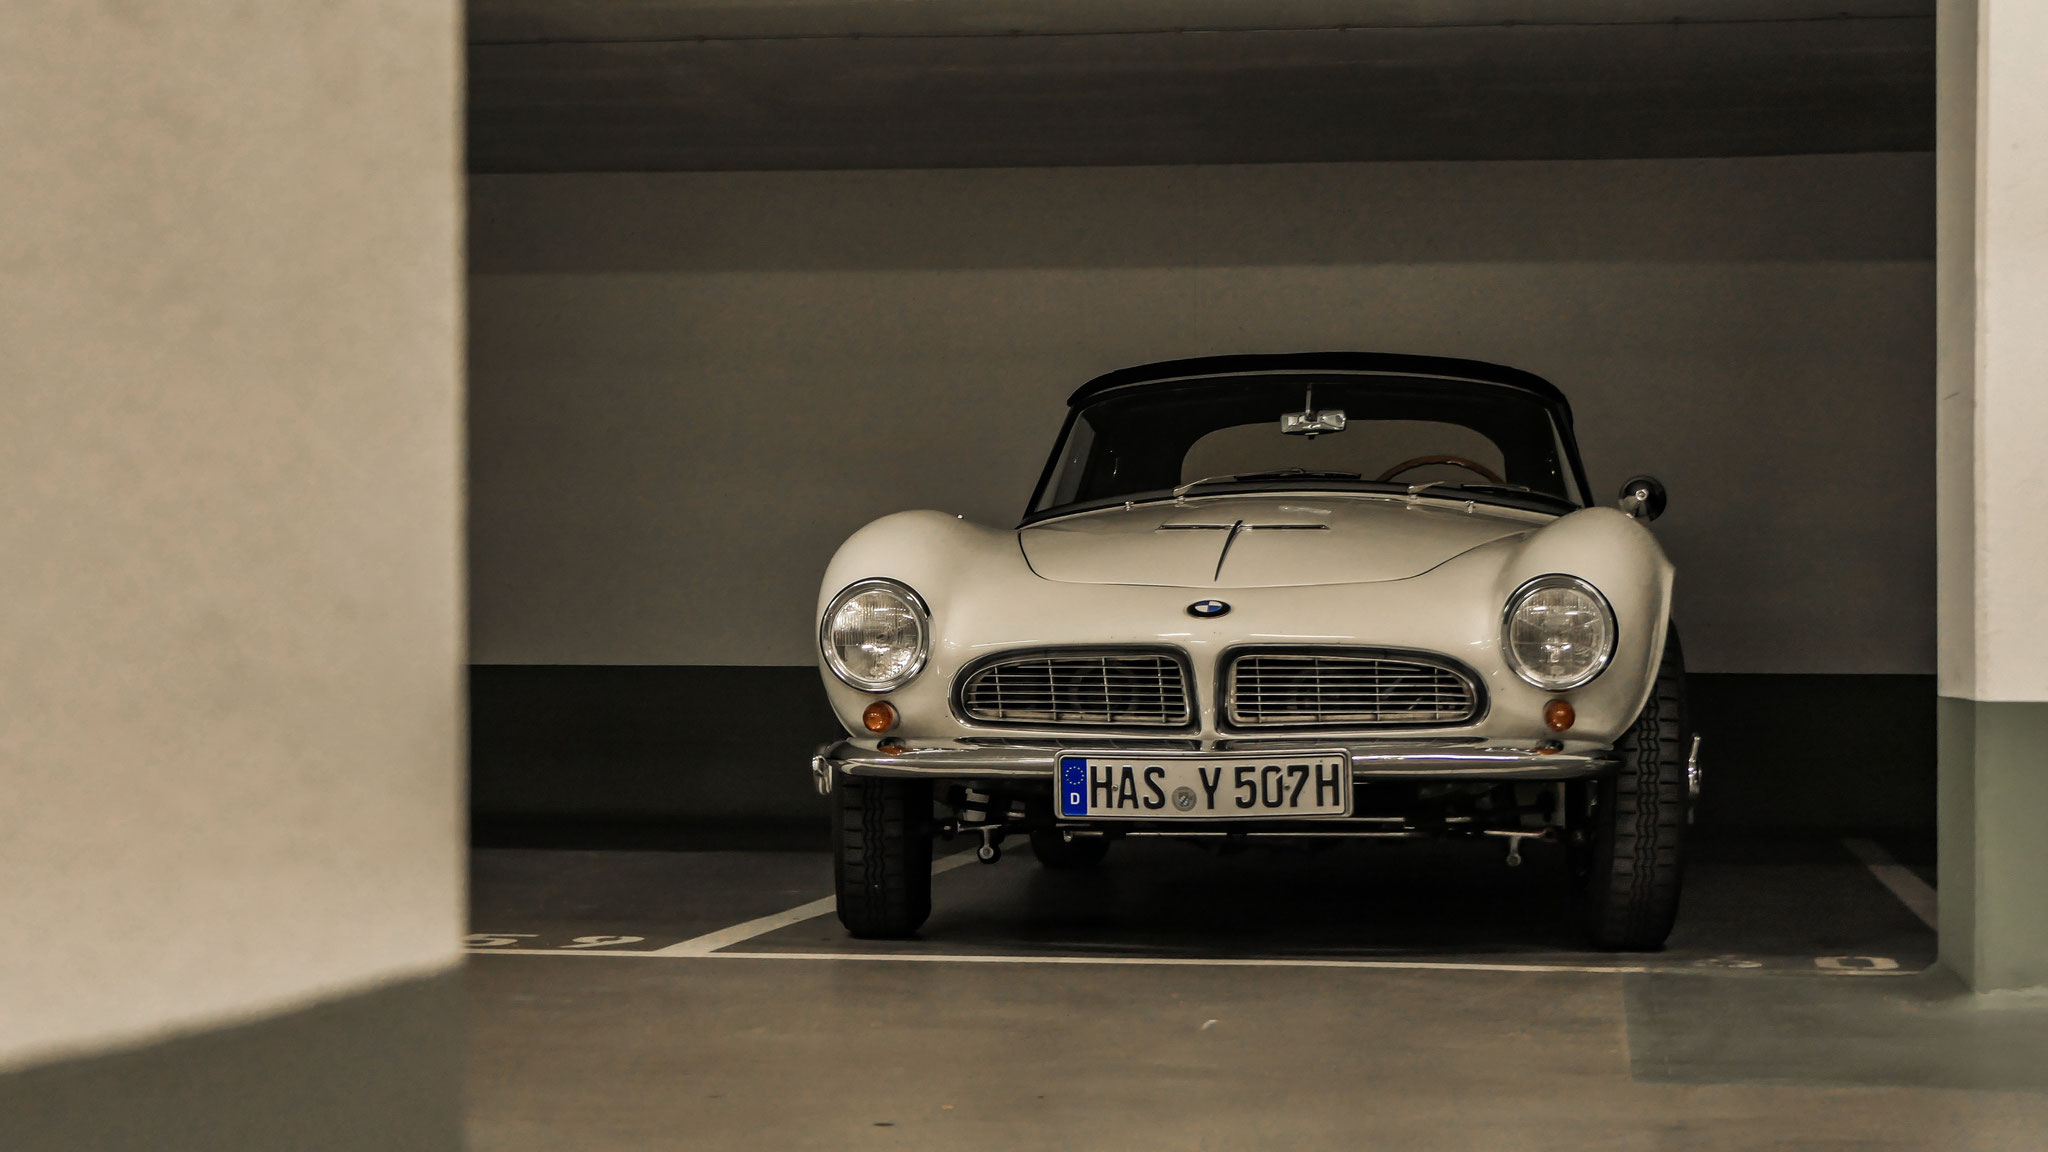 BMW 507 - HAS-Y-507H